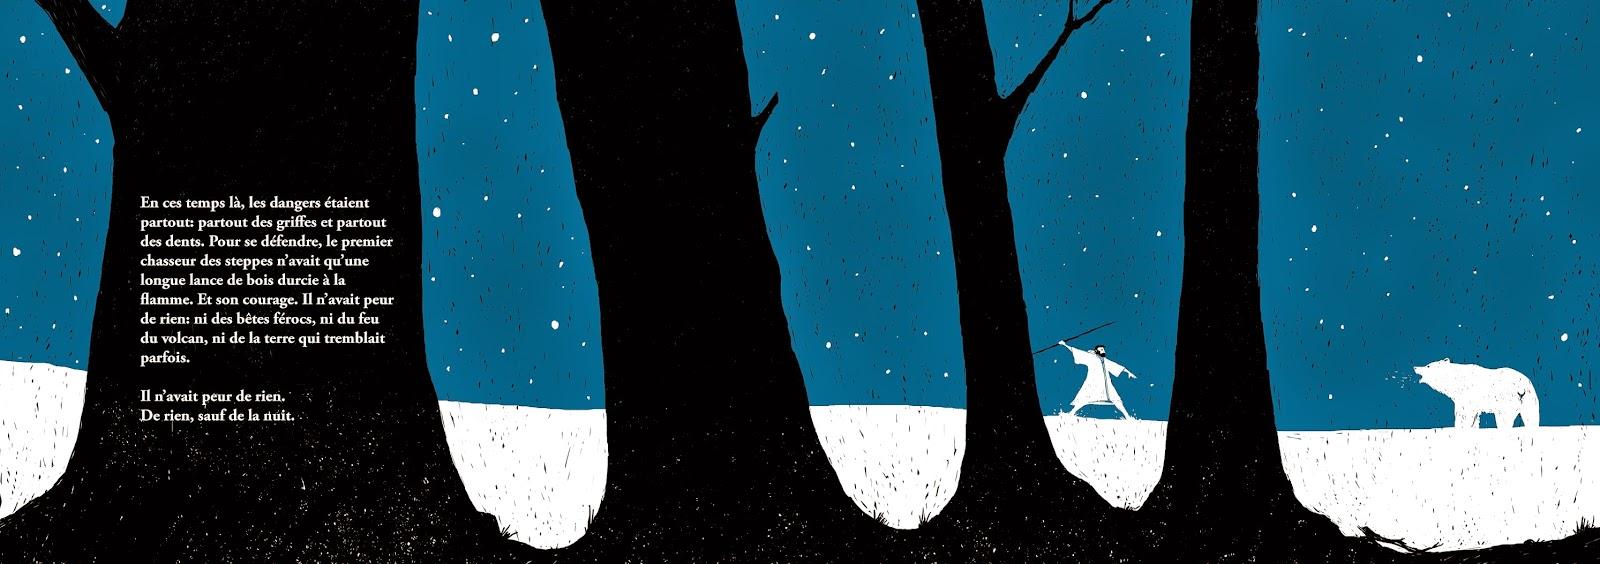 """Résultat de recherche d'images pour """"Conte de la nuit noire"""""""